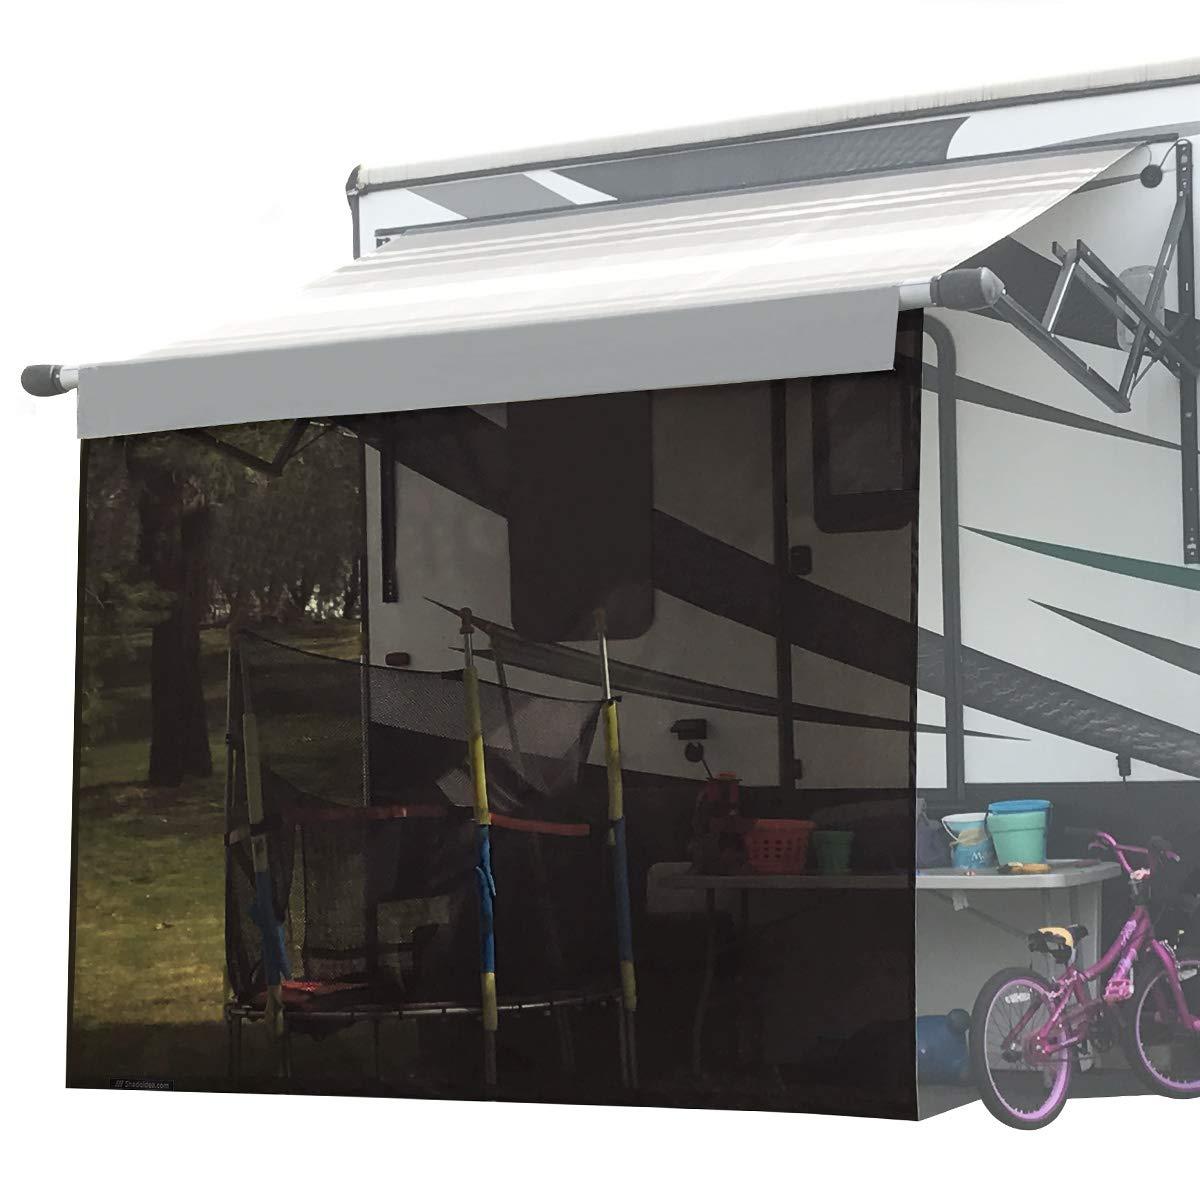 Shadeidea RV Sun Shade Screen for Awning - 8' X 10' 5'' Brown Mesh Sunshade Motorhome Camping Trailer UV Sunblocker Canopy Sunscreen Offer 3 Years Warranty by Shadeidea